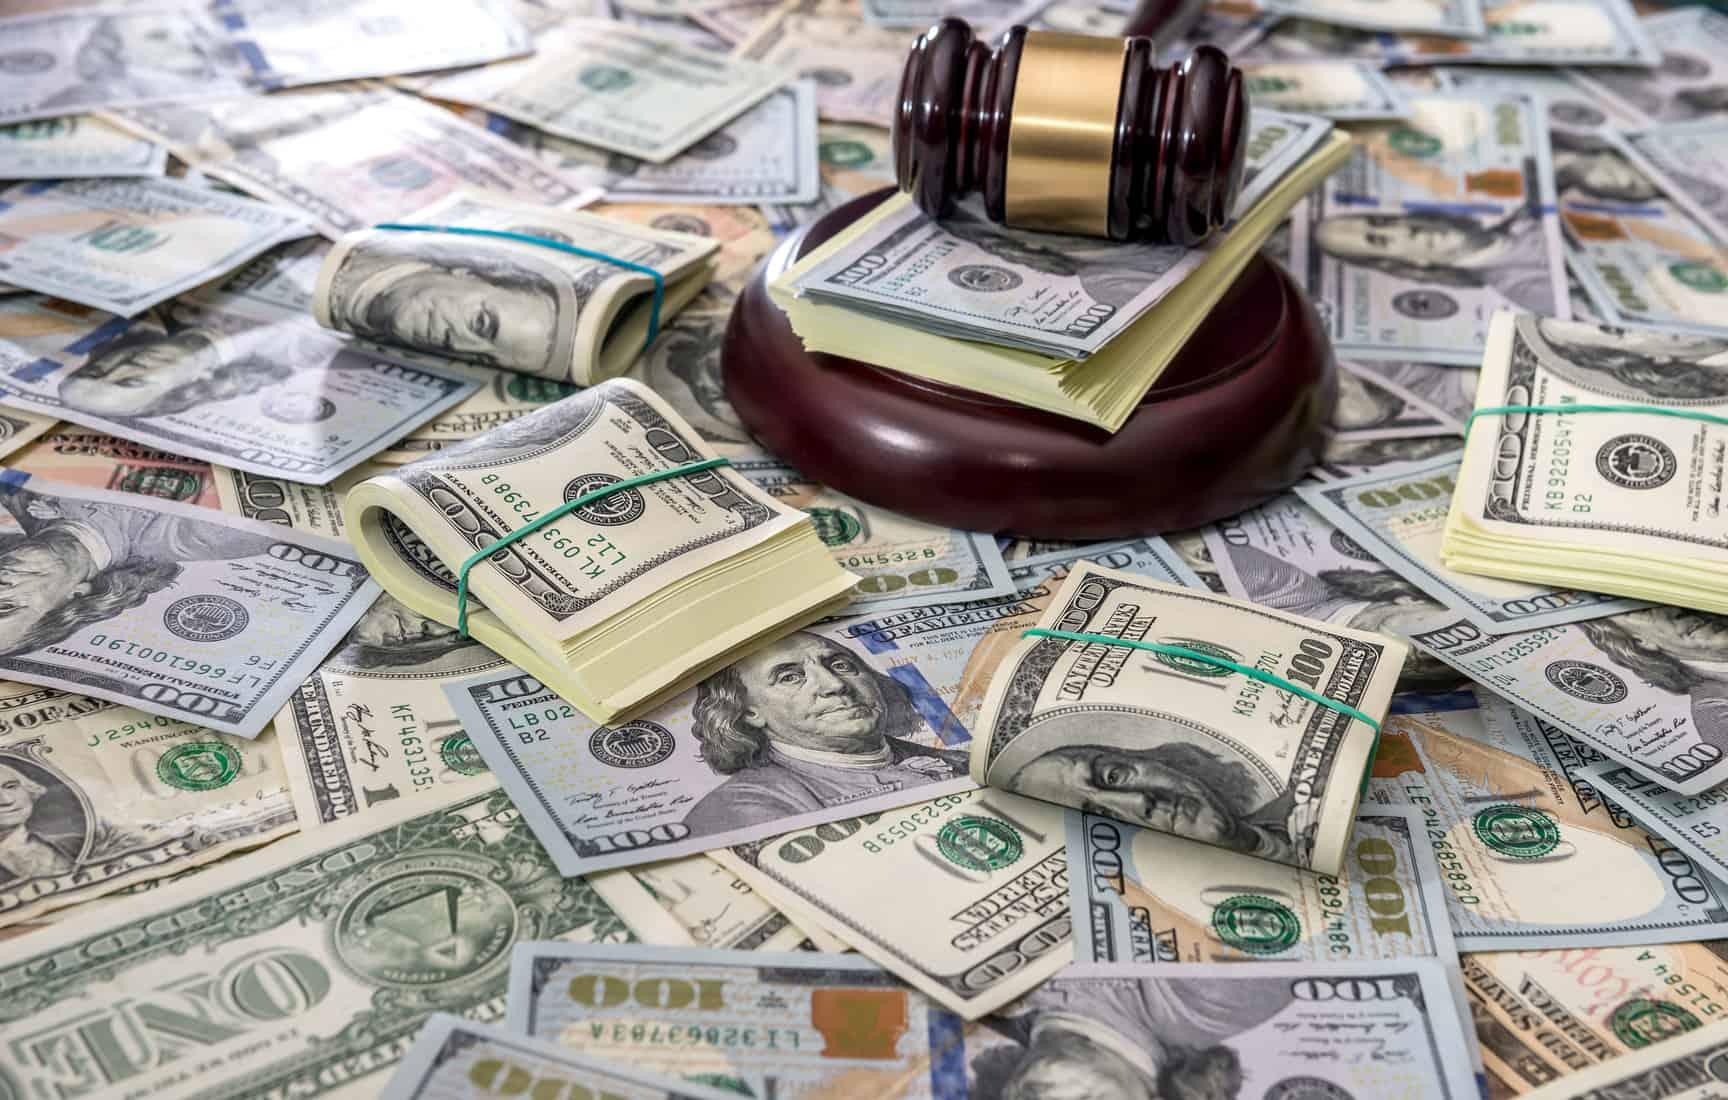 La semana pasada, el Instituto Federal de Telecomunicaciones (IFT) multó a América Móvil y Telcel con97 millones de pesos (96,825,831) por prácticas monopólicas relativas.